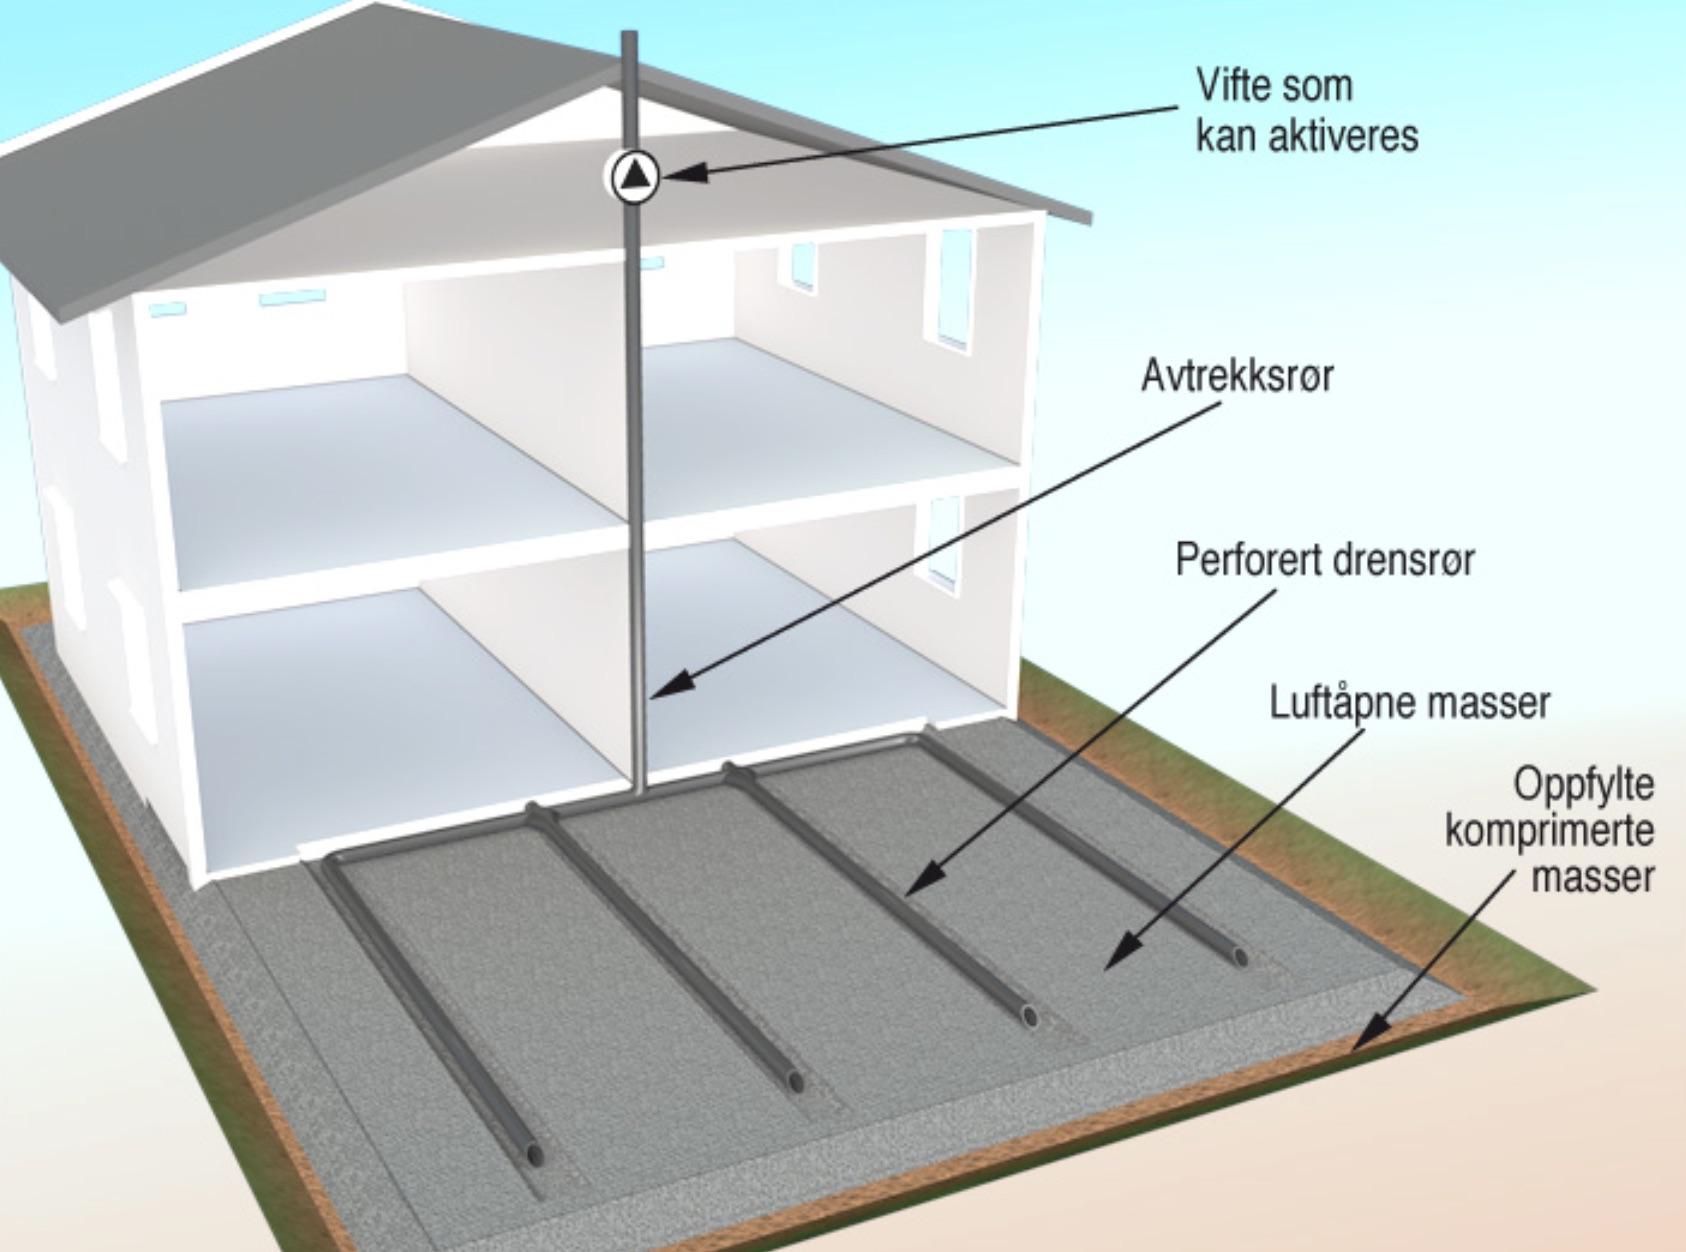 § 13-5 Figur 1: Drensslanger under plate på grunn med et felles avtrekksrør som føres over terreng eller opp over bygningens yttertak